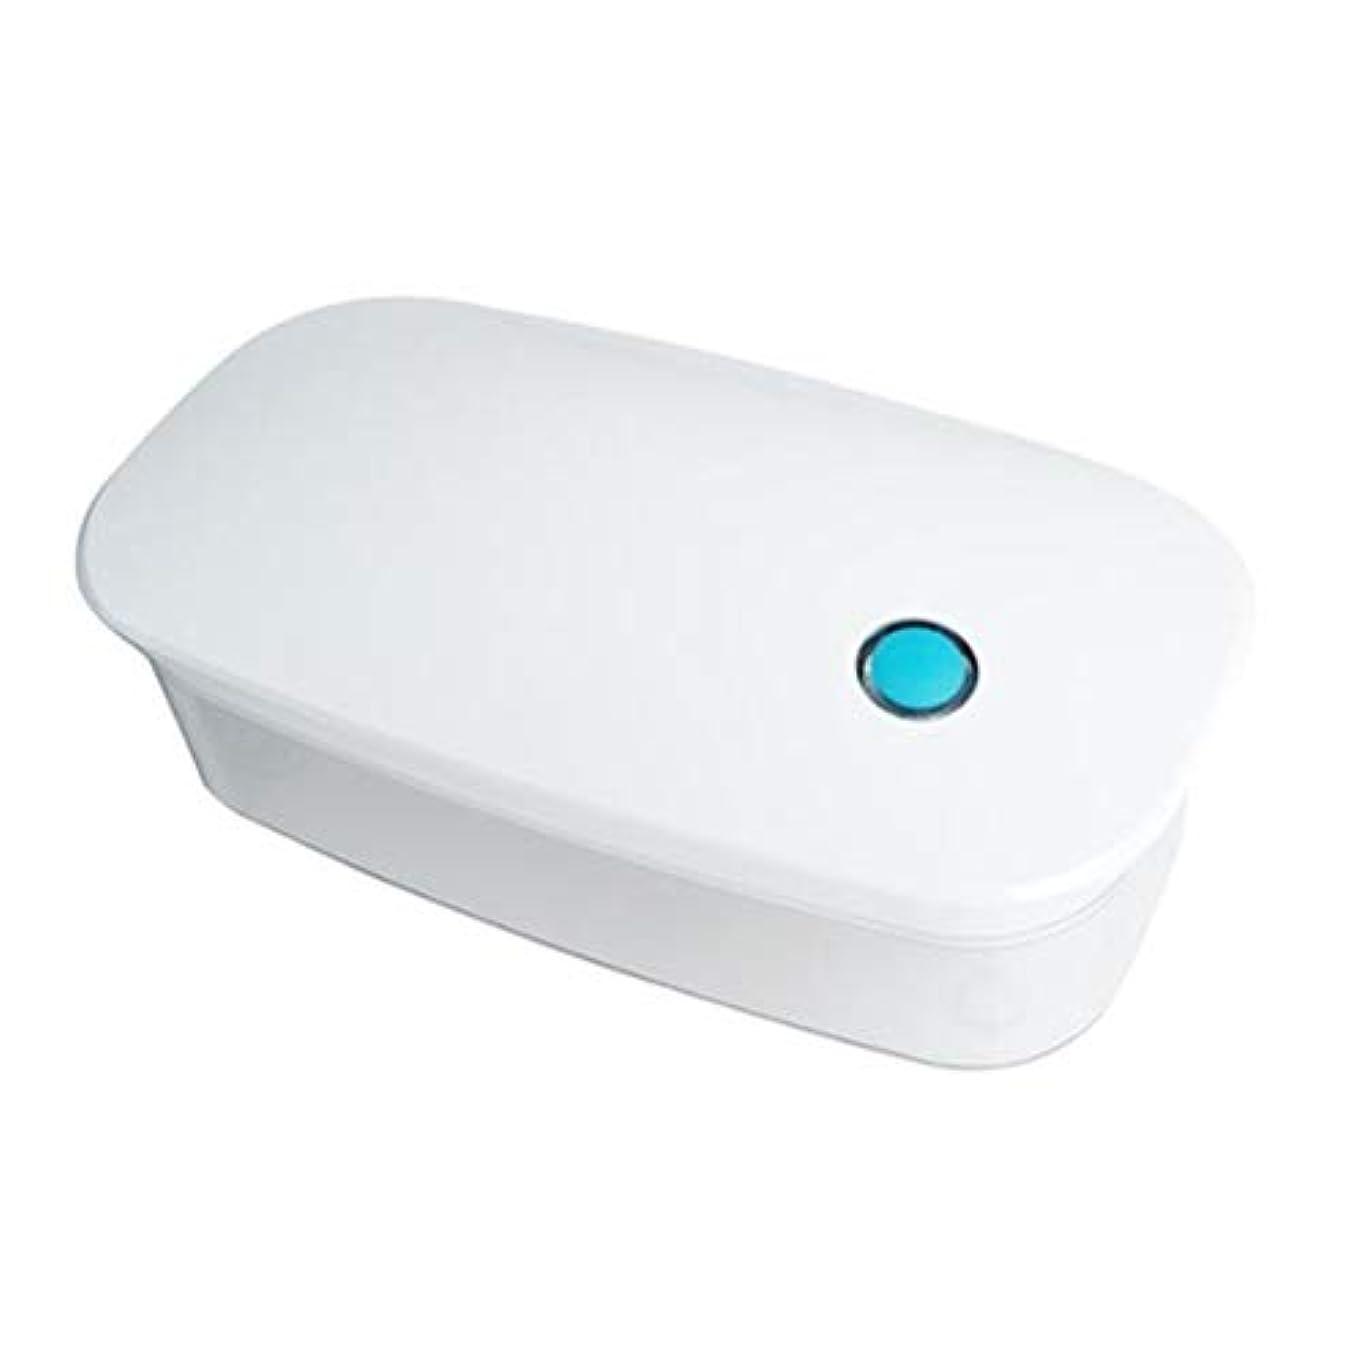 毎日めまい音SUPVOX UVコンタクトレンズクリーナーコンタクトレンズ滅菌ケース